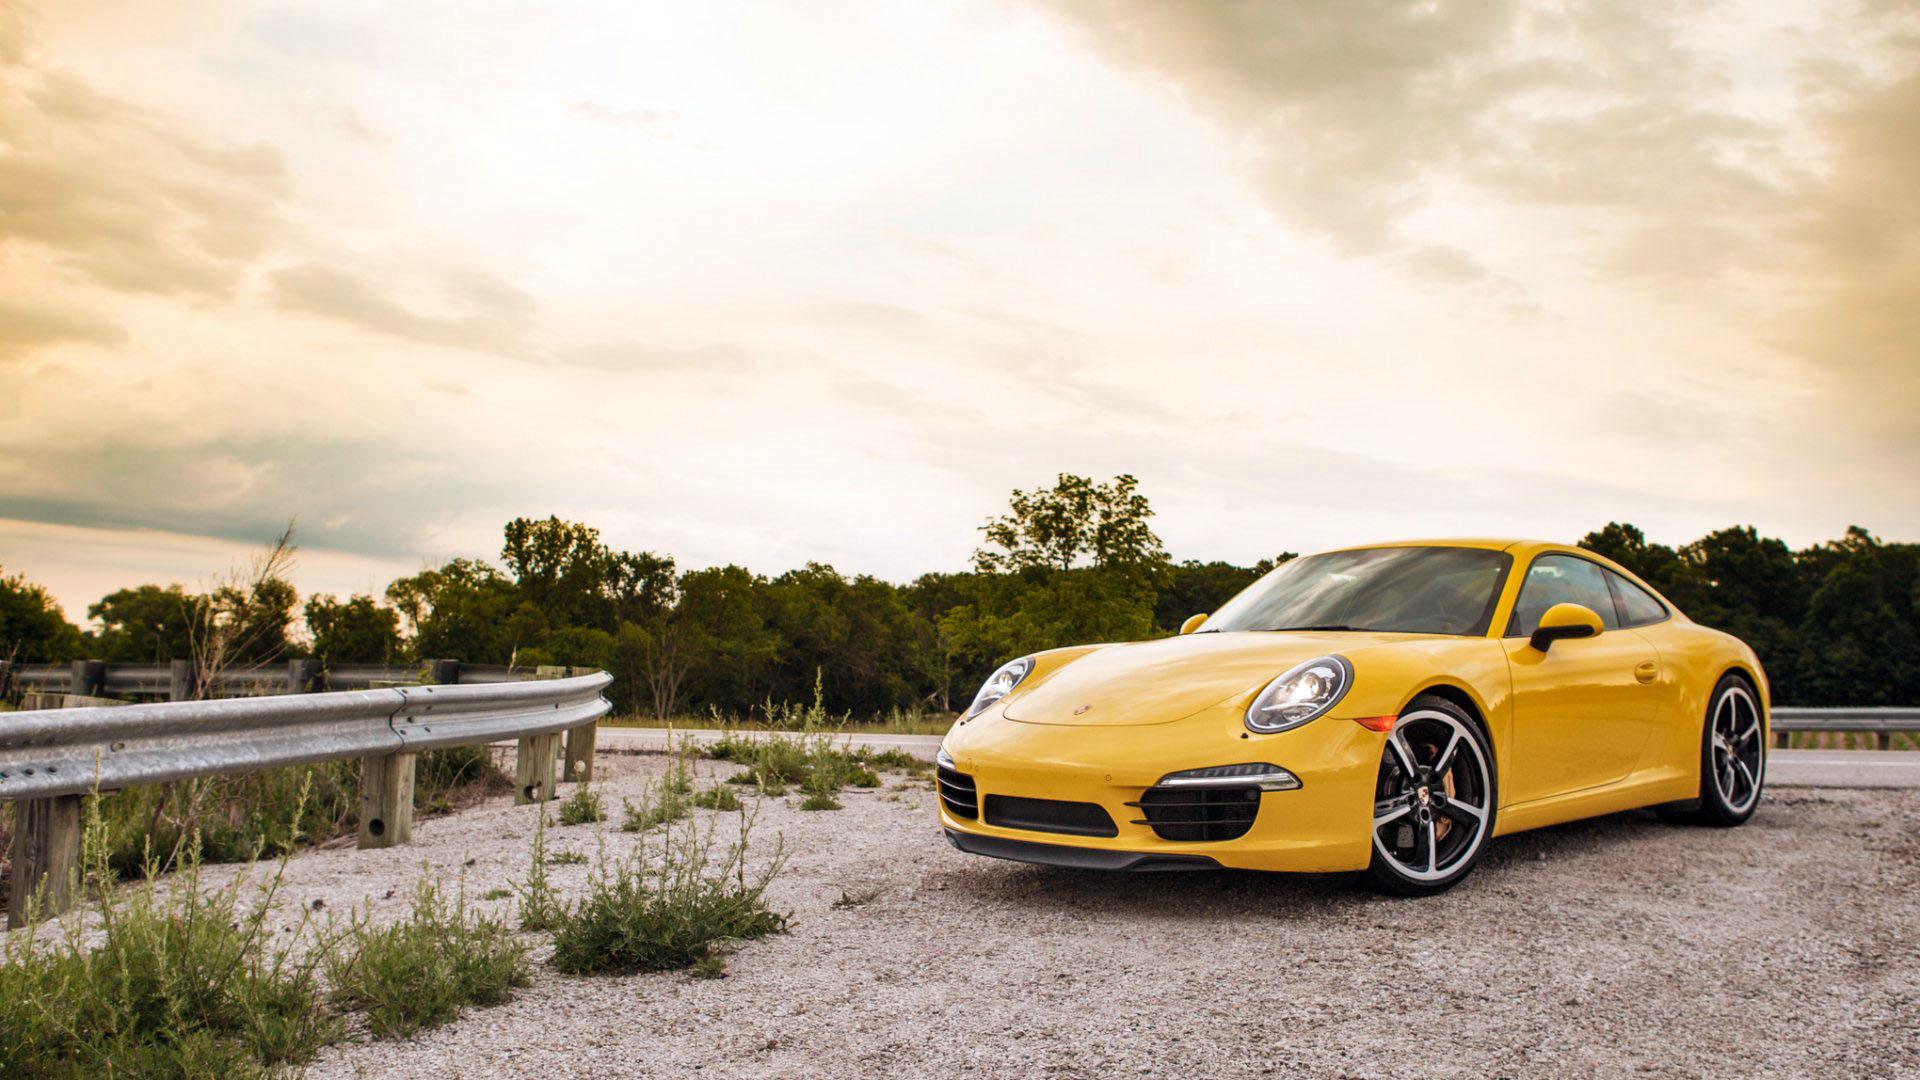 2013 Porsche 911 Wallpaper HD   image 65 1920x1080